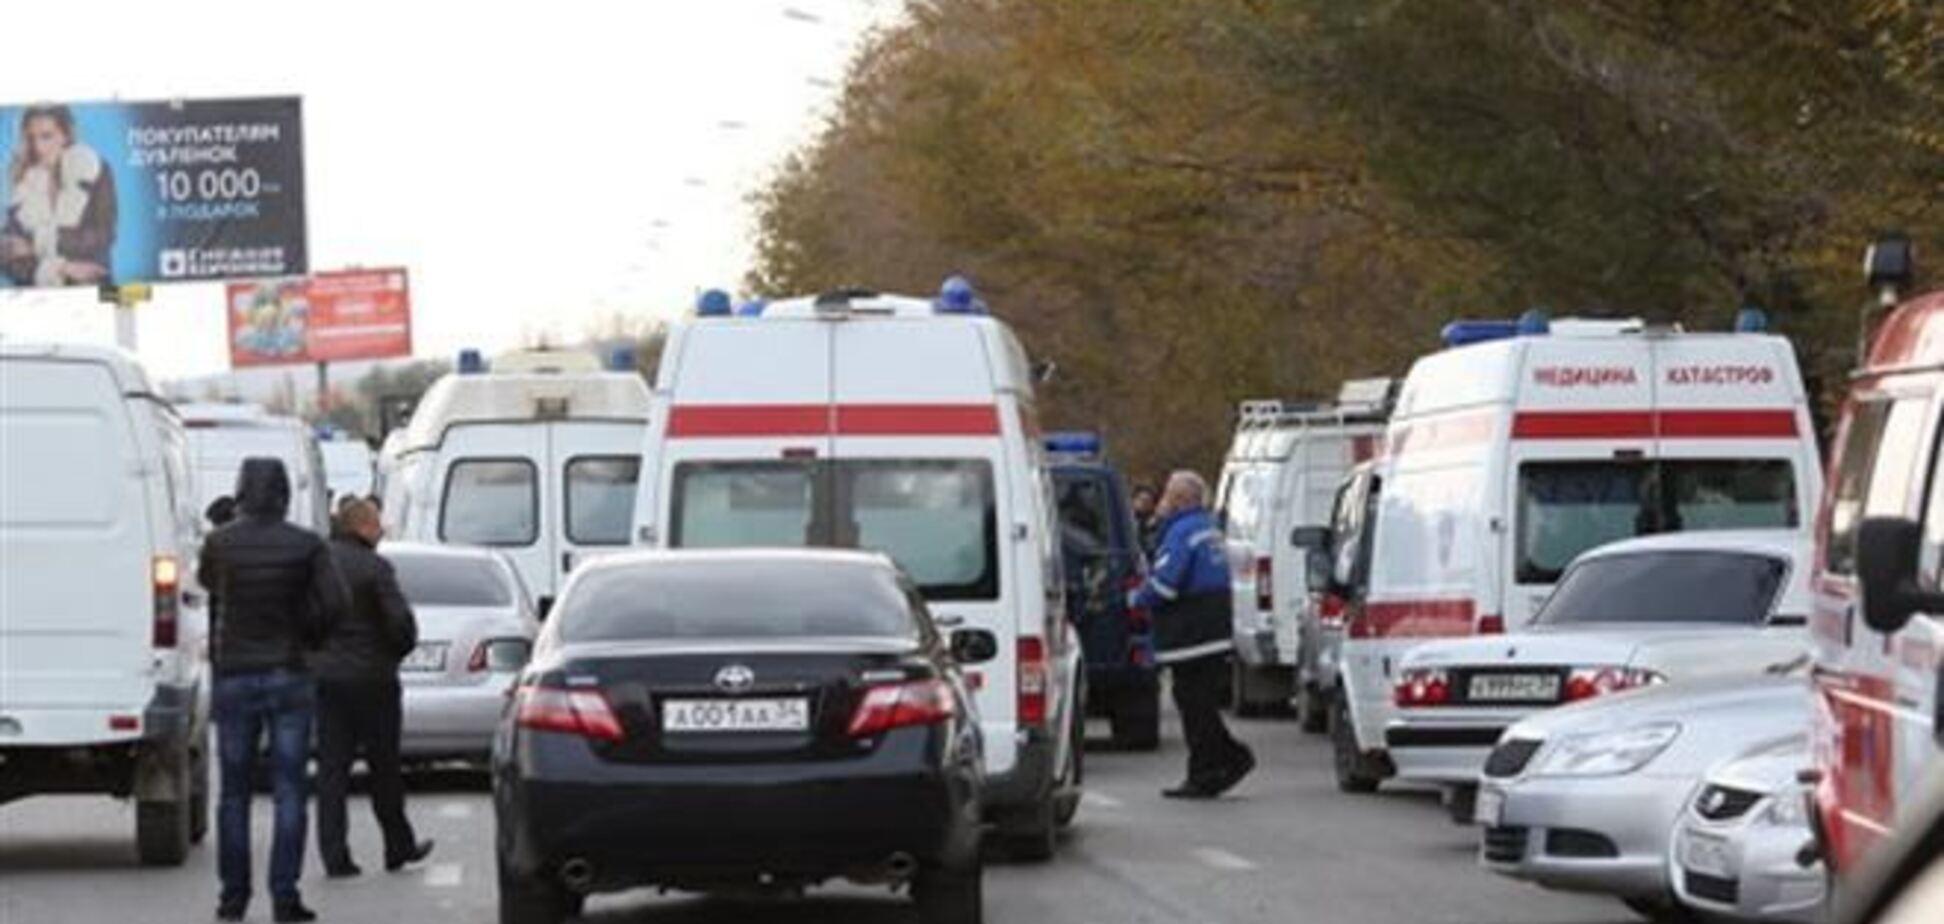 Пострадавших от теракта в Волгограде уже 40 человек